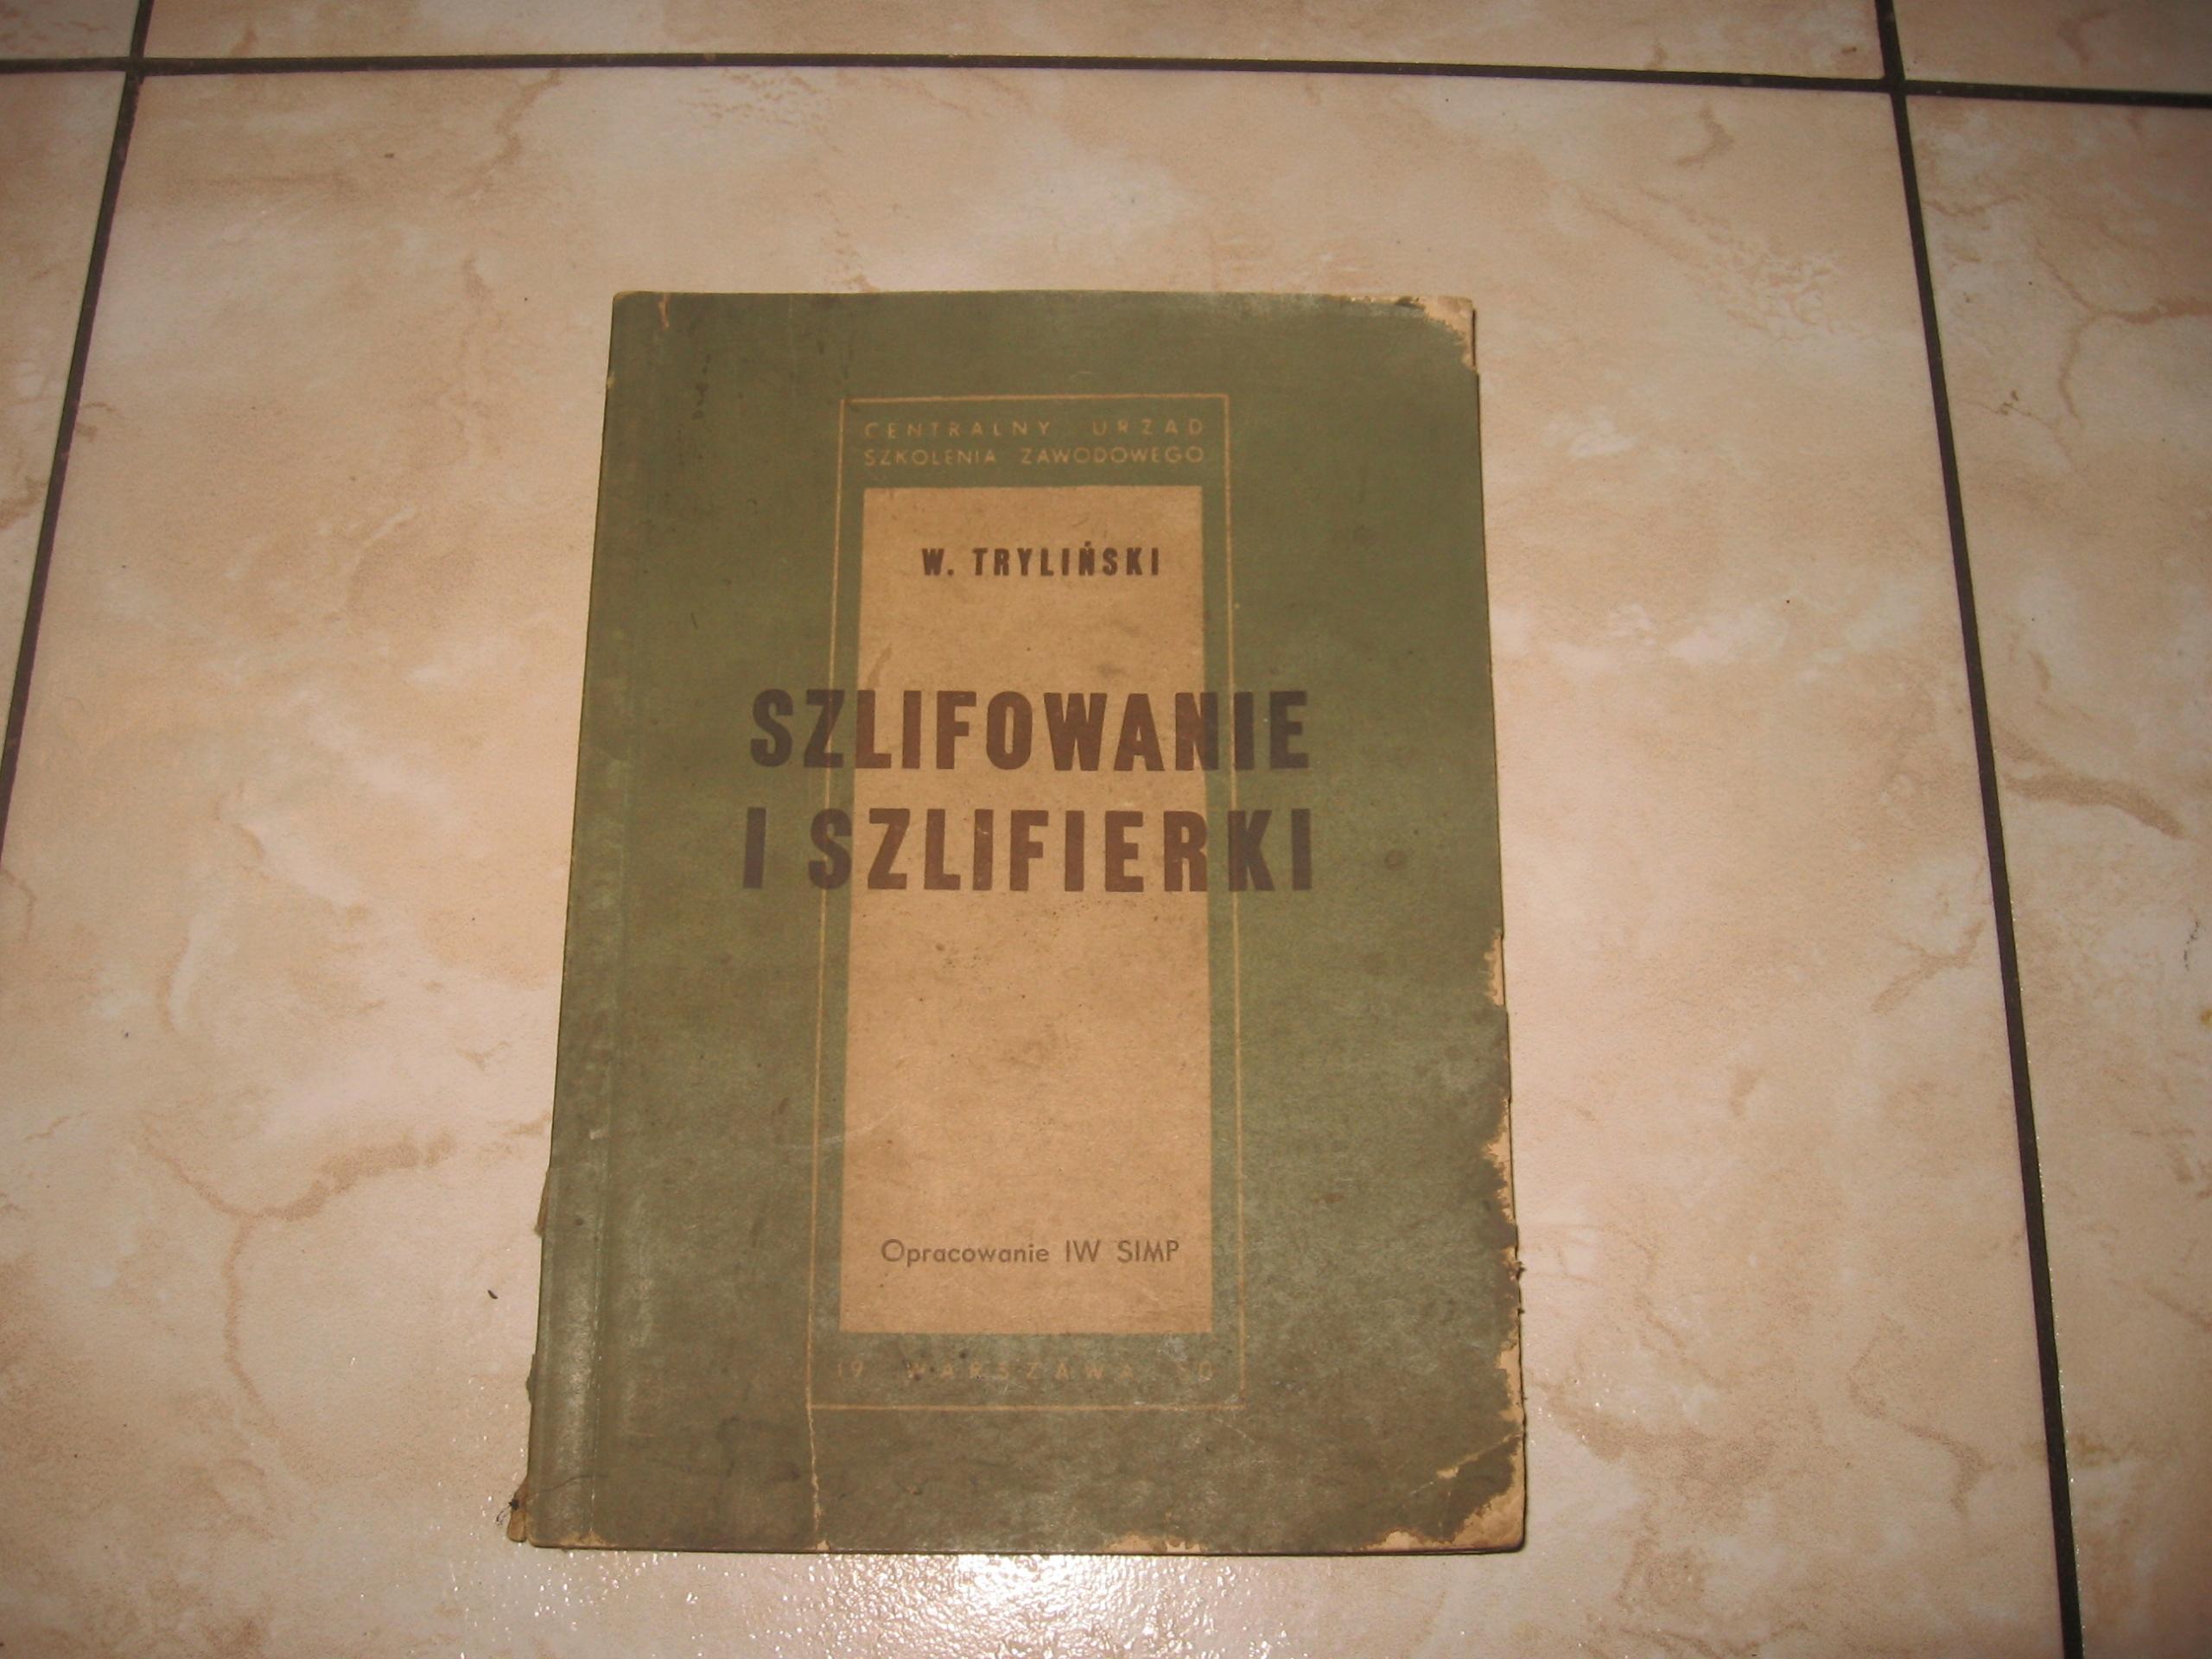 STARA KSIĄŻKA - SZLIFOWANIE I SZLIFIERKI 1950 ROK